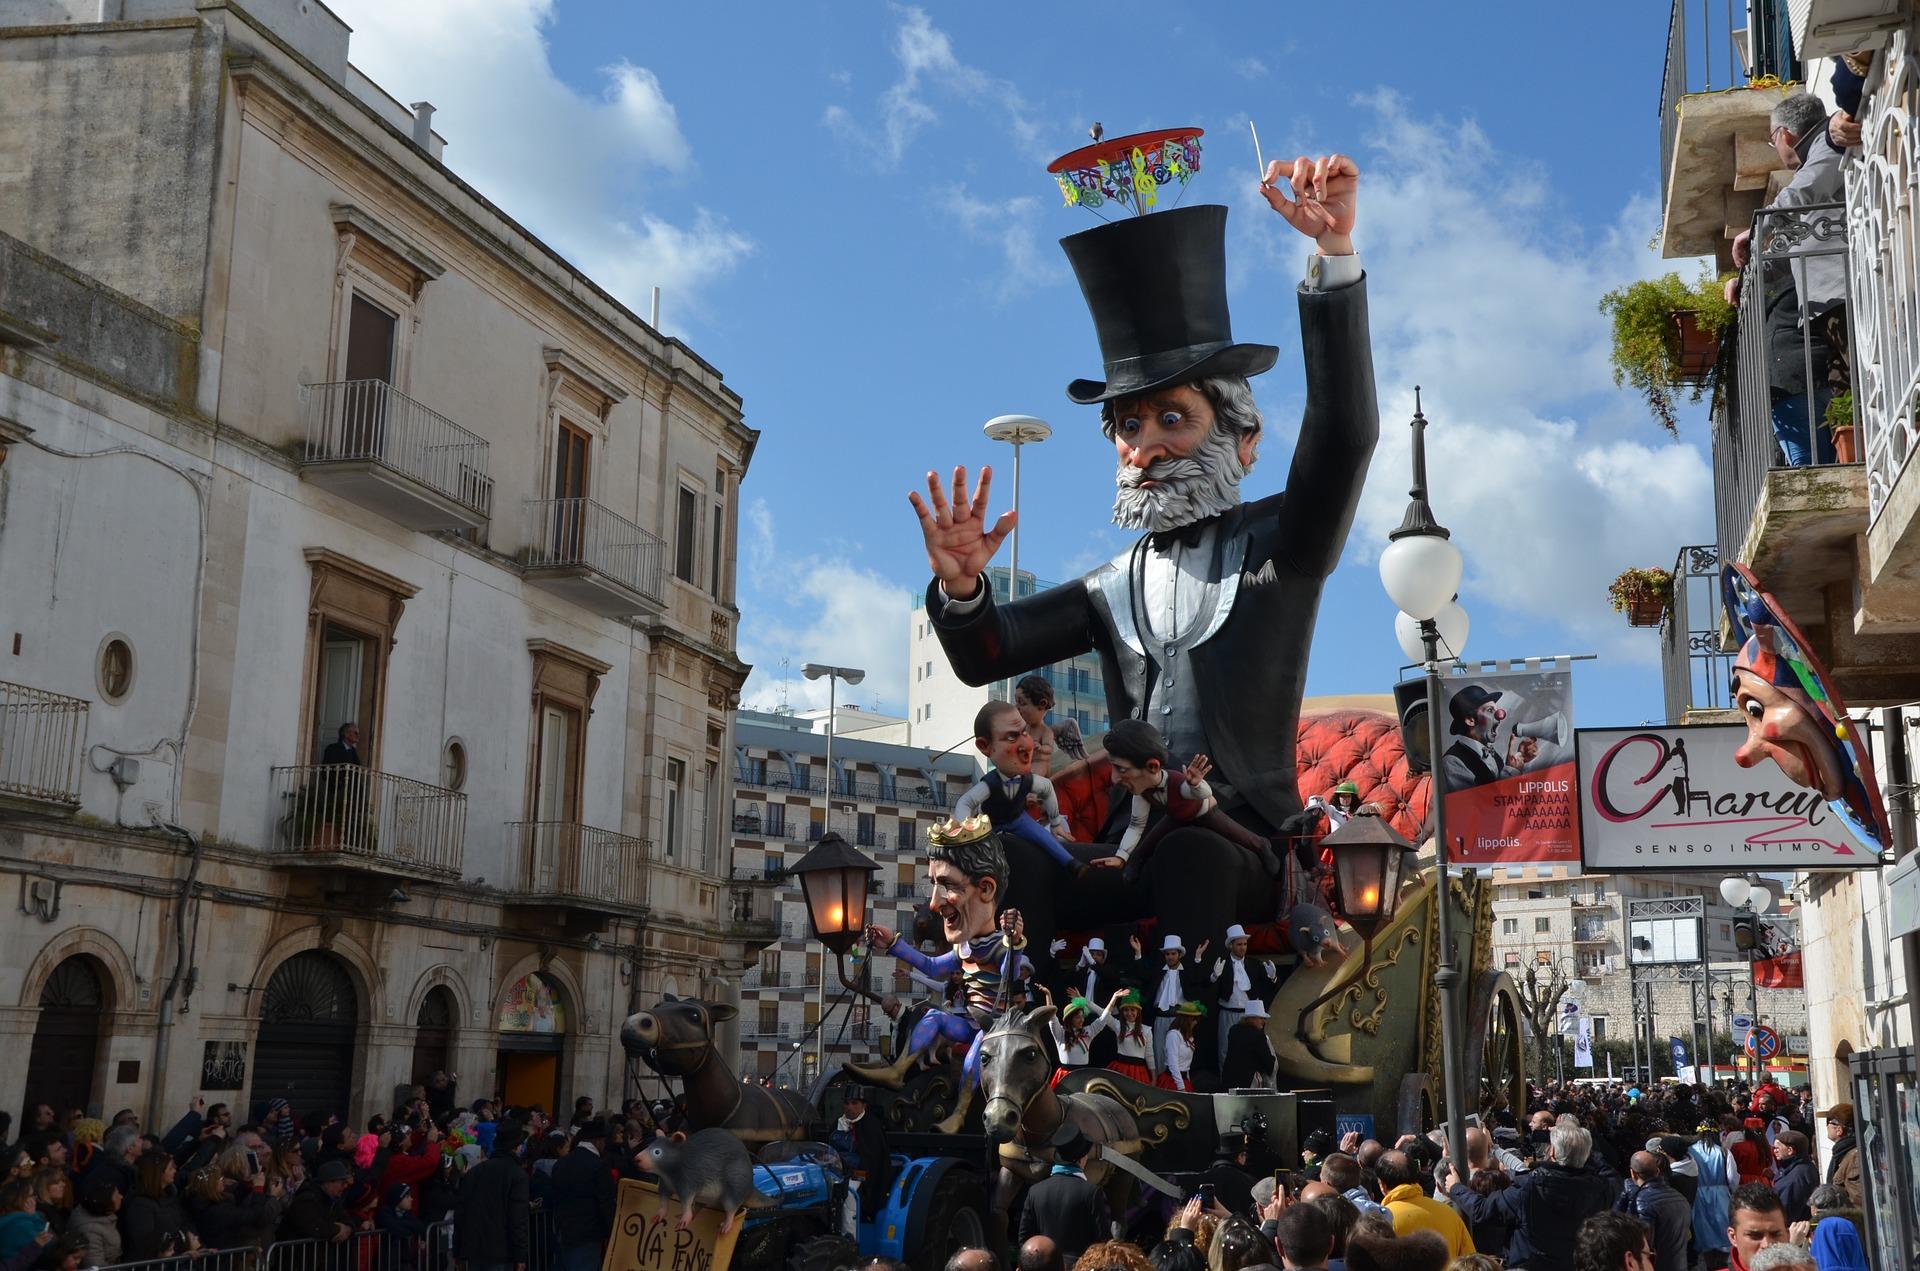 Carnevale di Putignano 2020 date